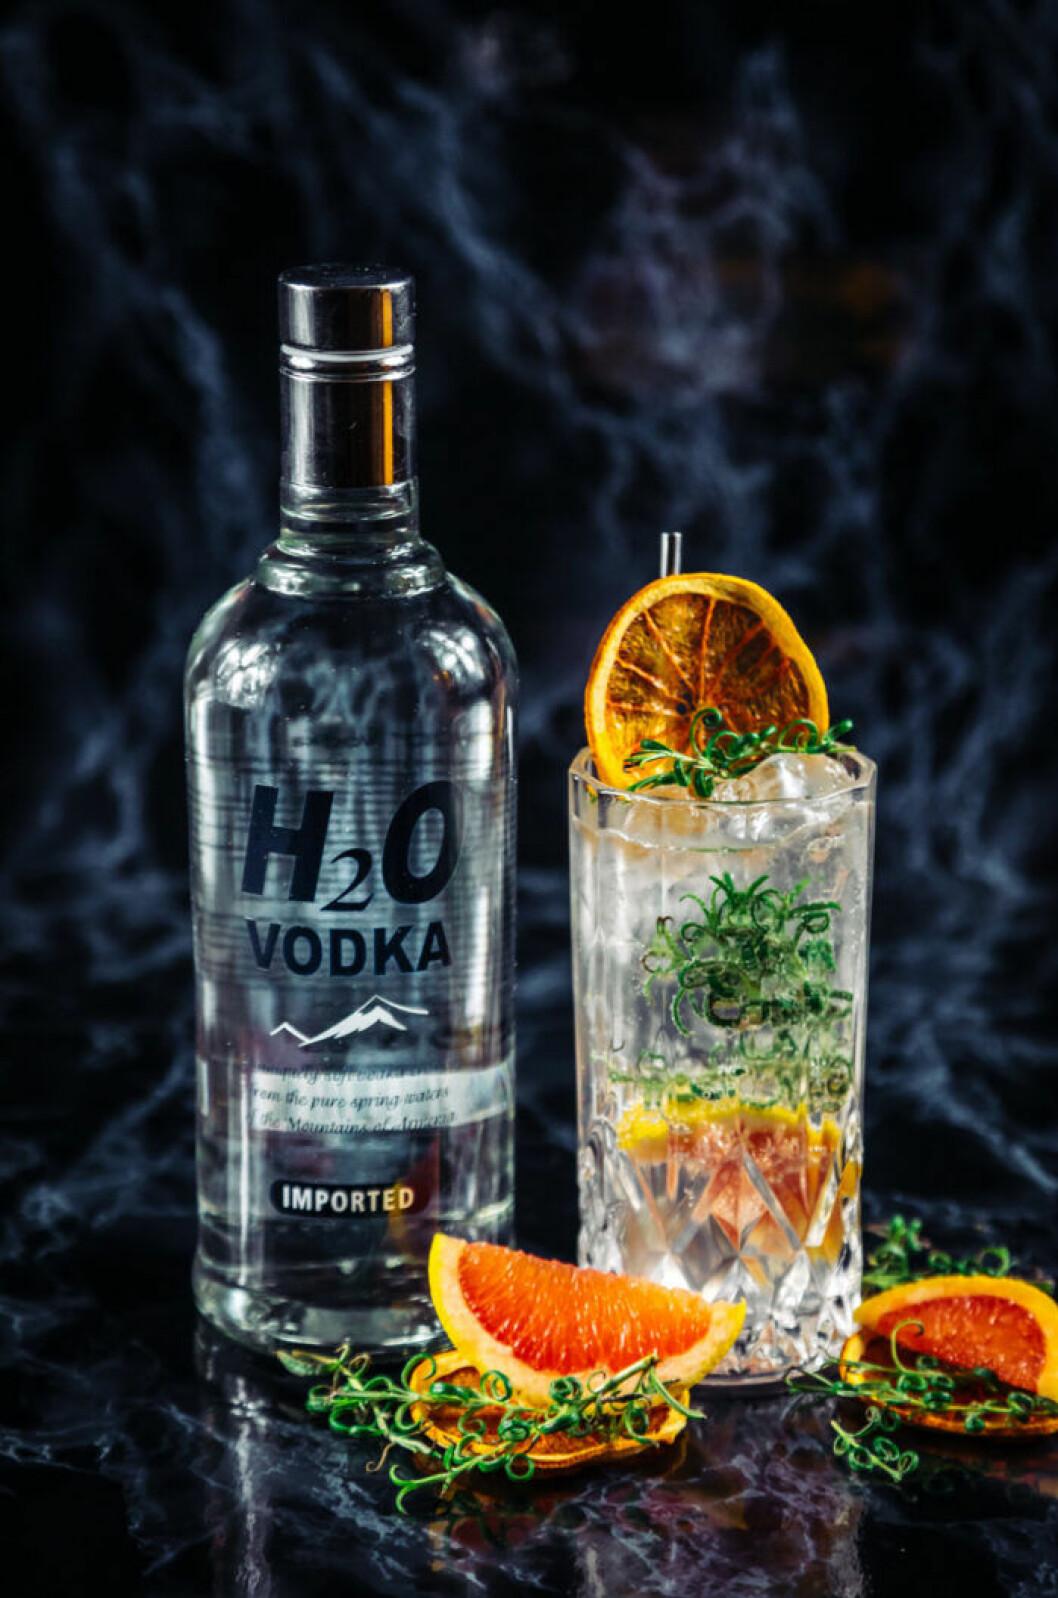 Vodkadrink med smak av rosmarin och grapefrukt.